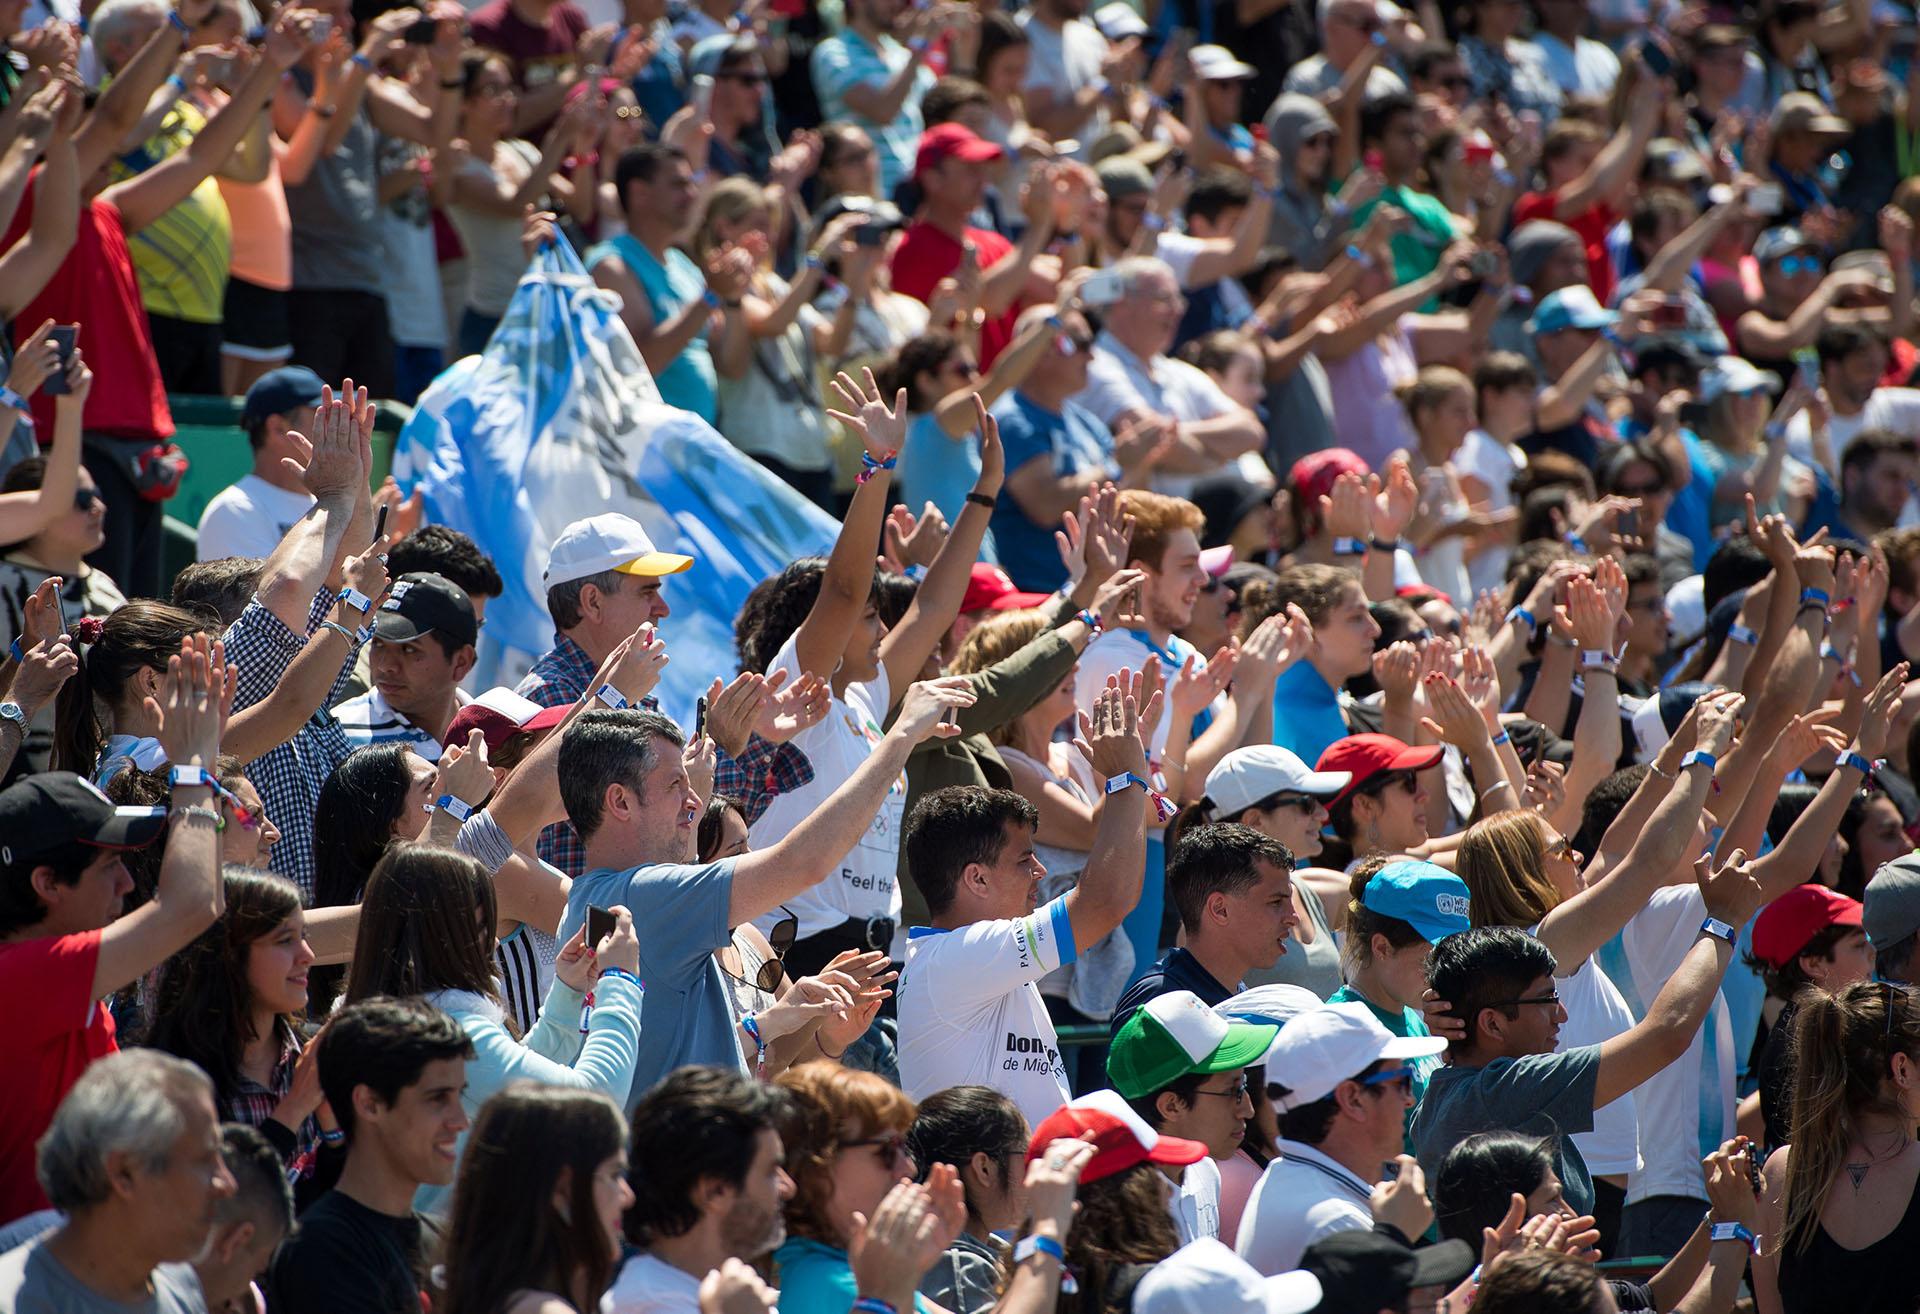 El público argentino, protagonista indiscutido de los Juegos Olímpicos de la Juventud. En esta toma acompañan a los tenistas locales Sebastian Báez y Facundo Díaz Acosta en la final de Dobles Masculino que los consagró con el oro(REUTERS)